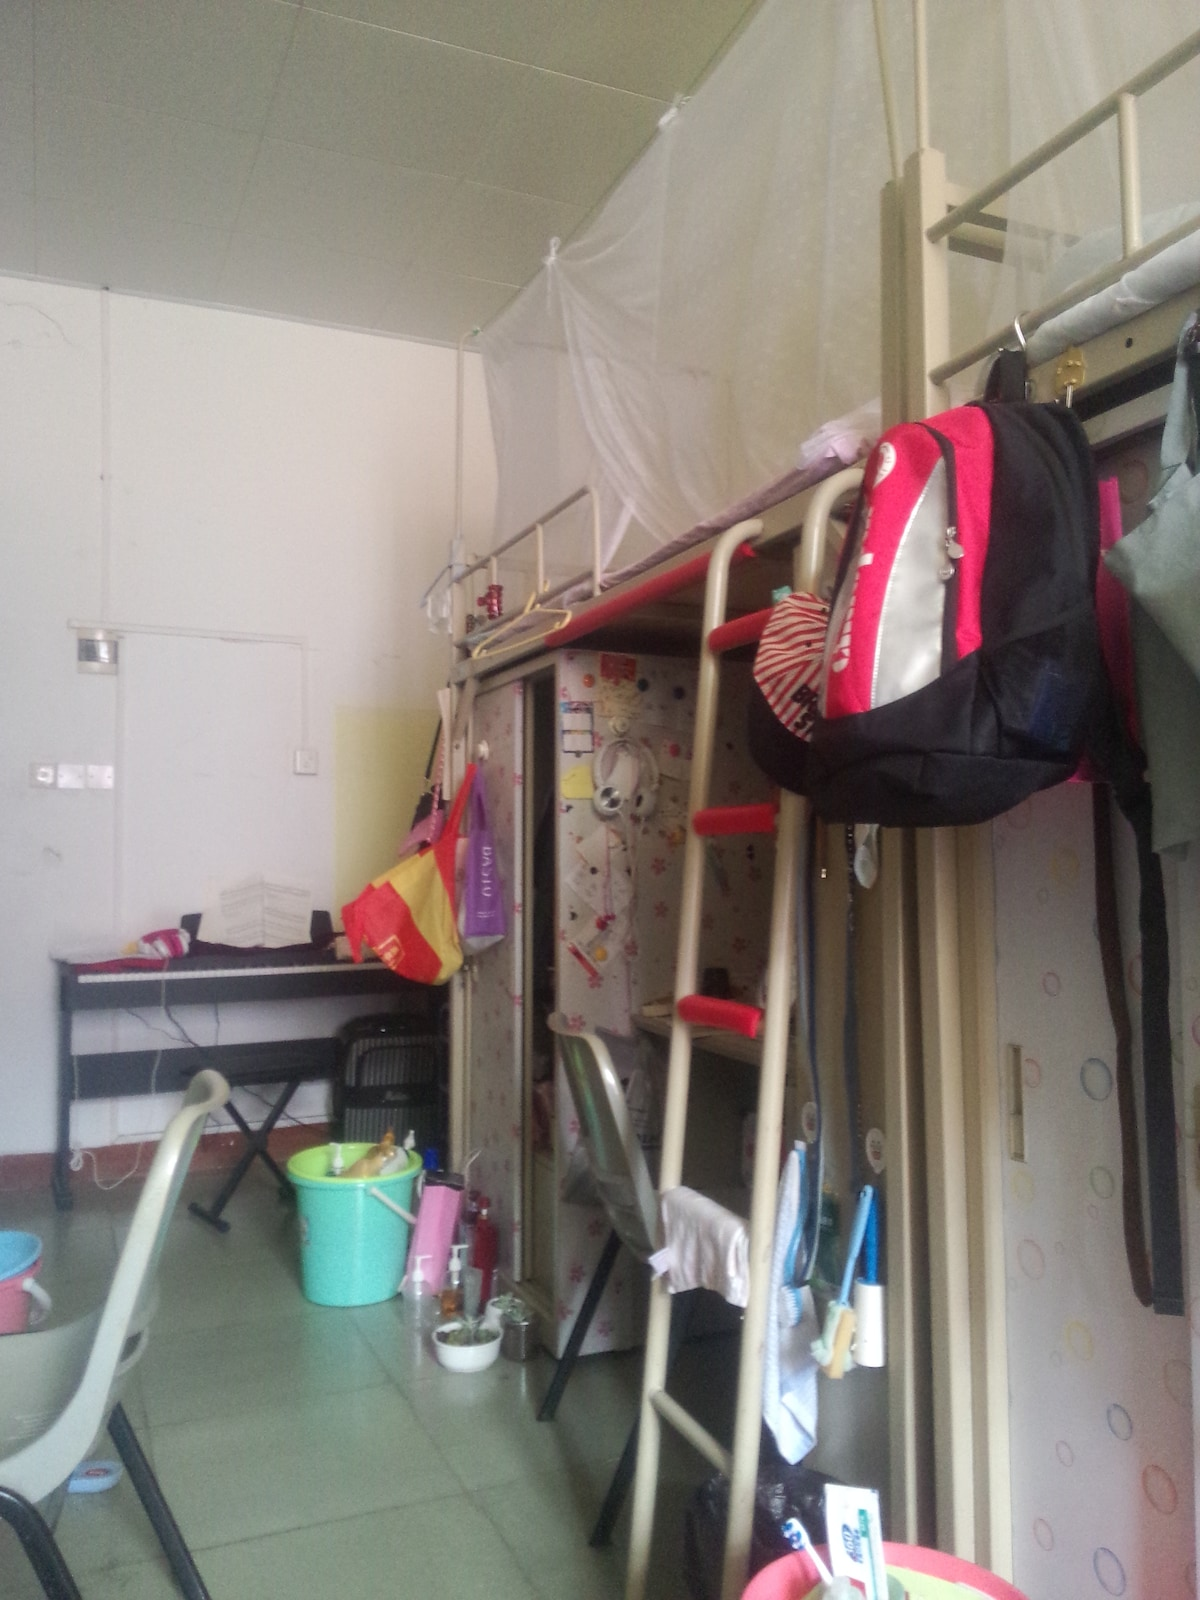 深圳大学的宿舍